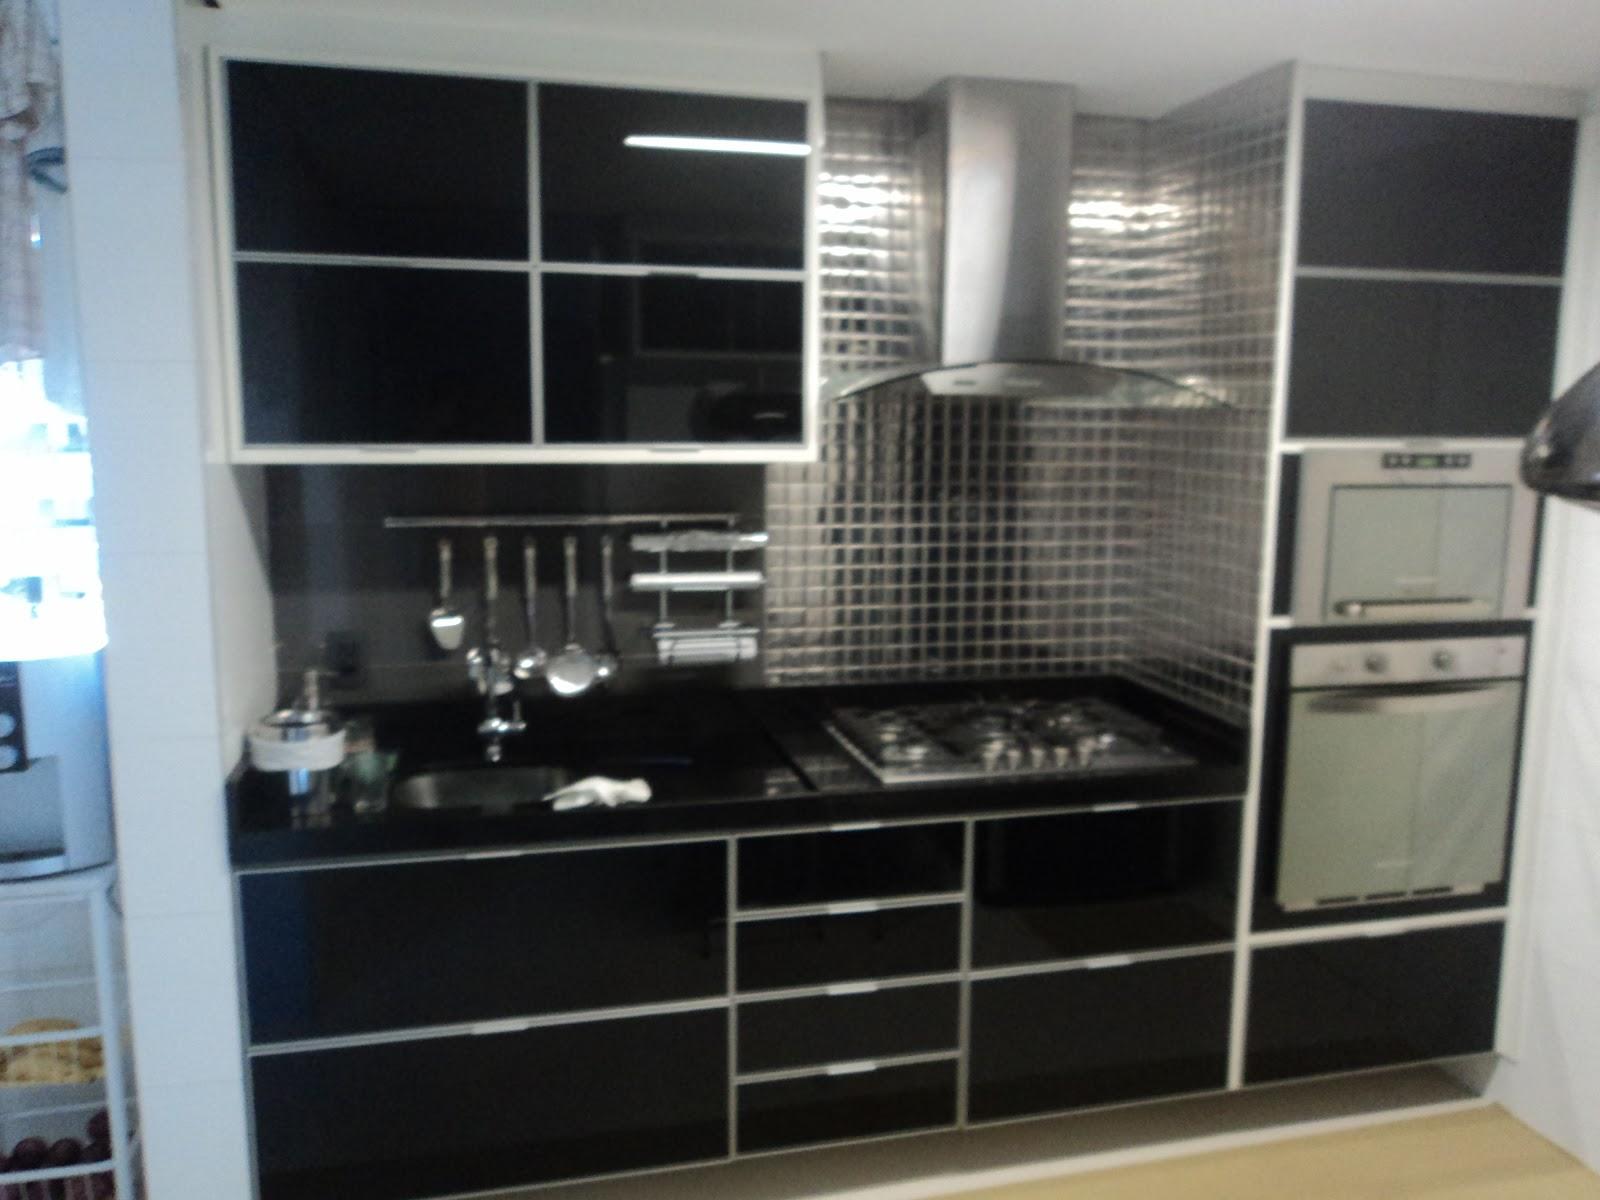 Ana Sales Arquitetura & Interiores: Tendência: Pastilhas #4A6A81 1600x1200 Banheiro Com Pastilhas Coloridas